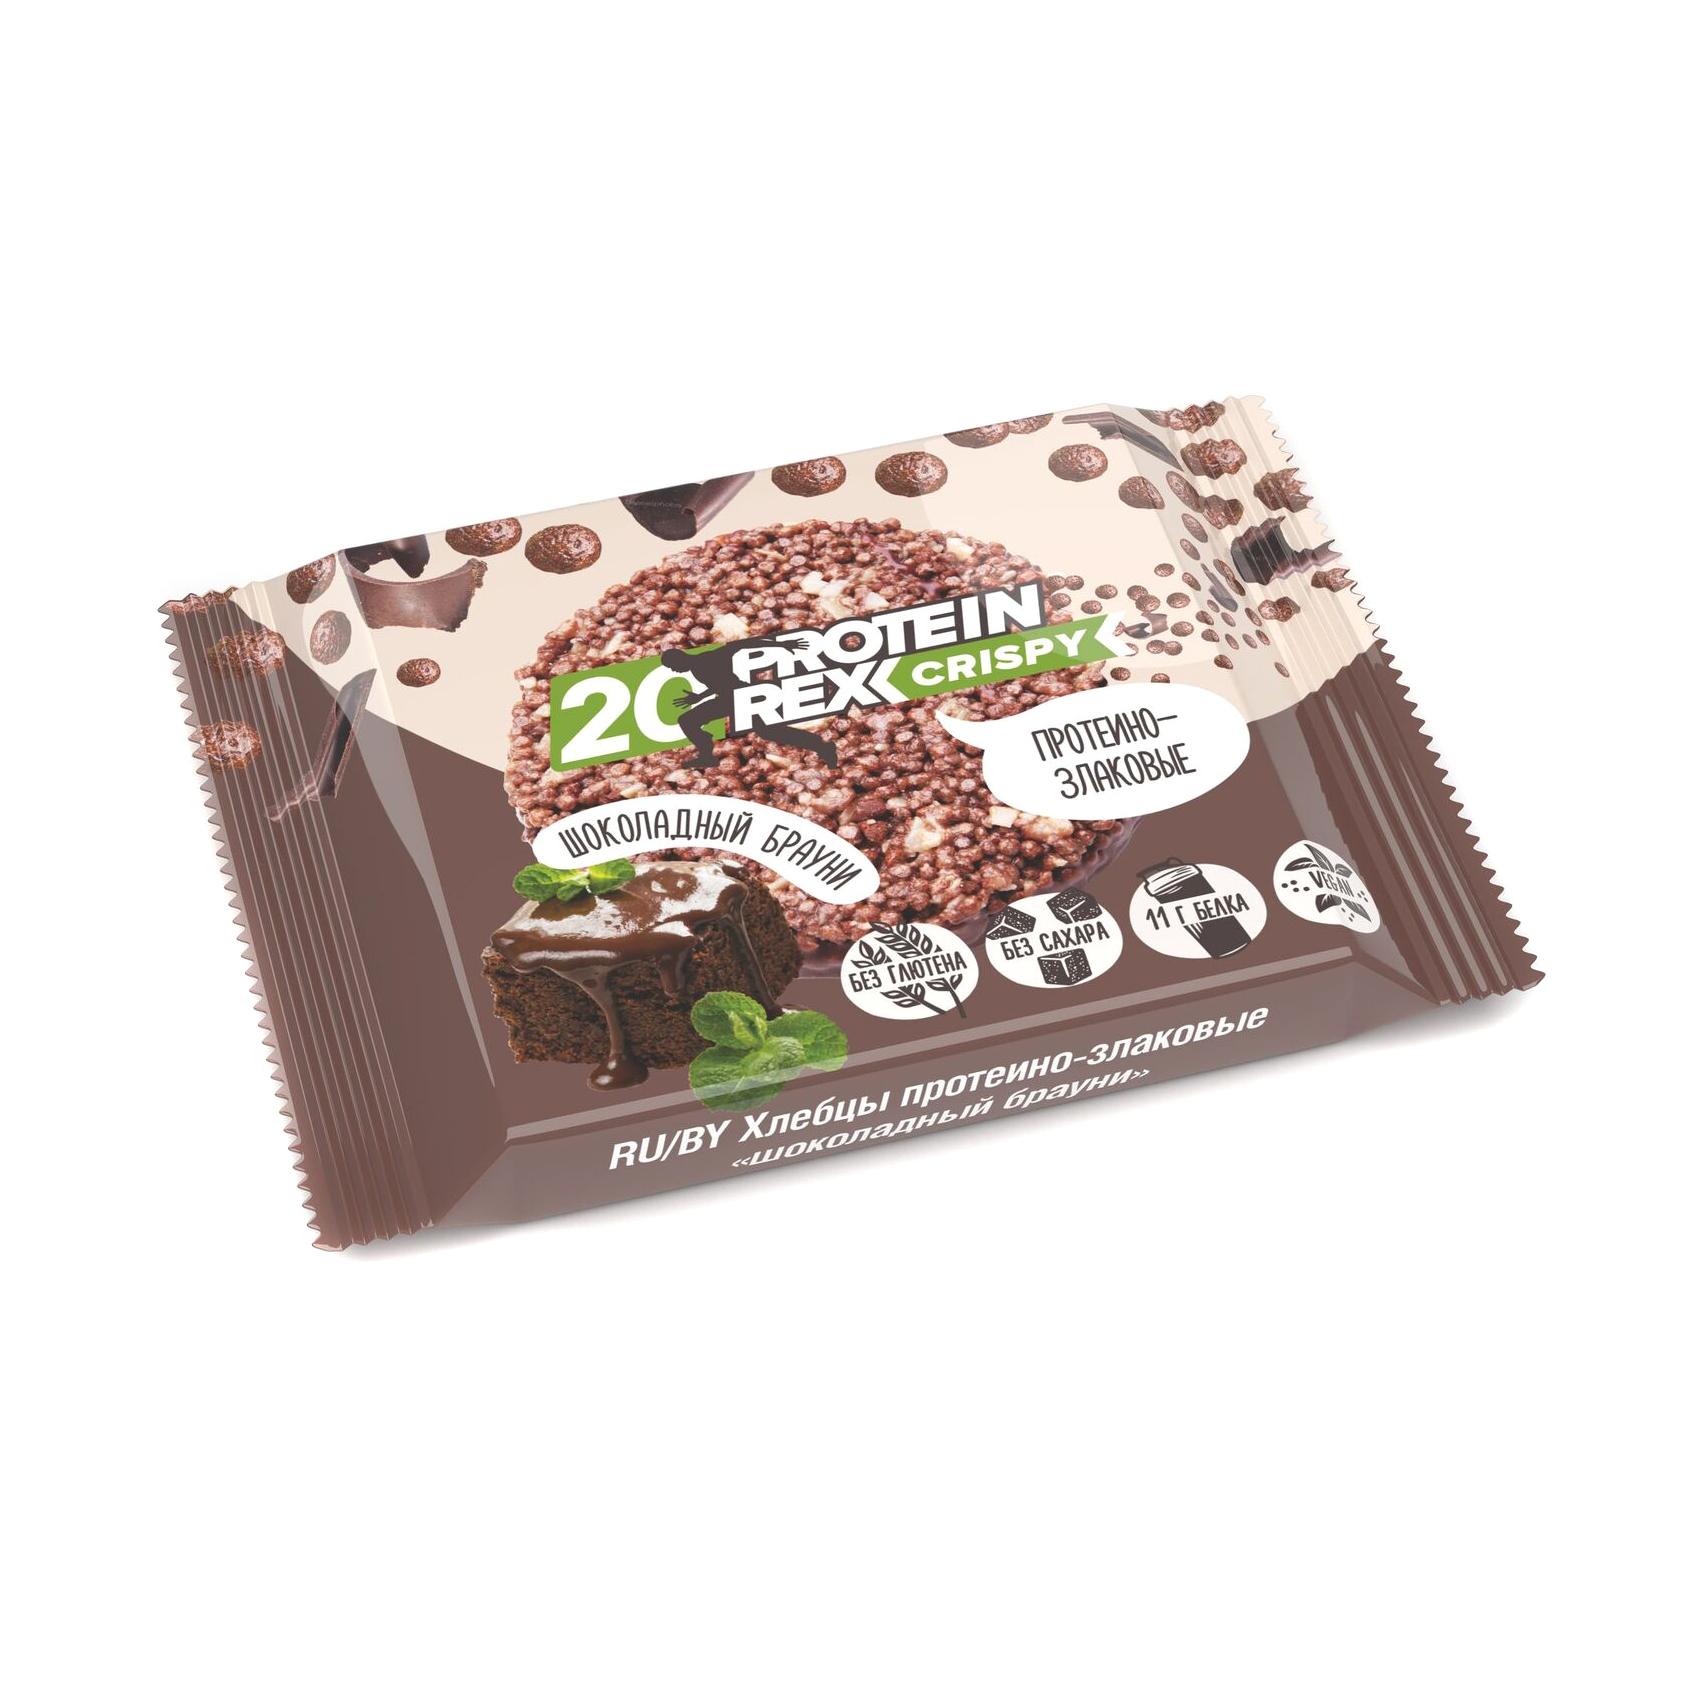 Хлебцы протеино-злаковые ProteinRex Шоколадный брауни 55 г фото